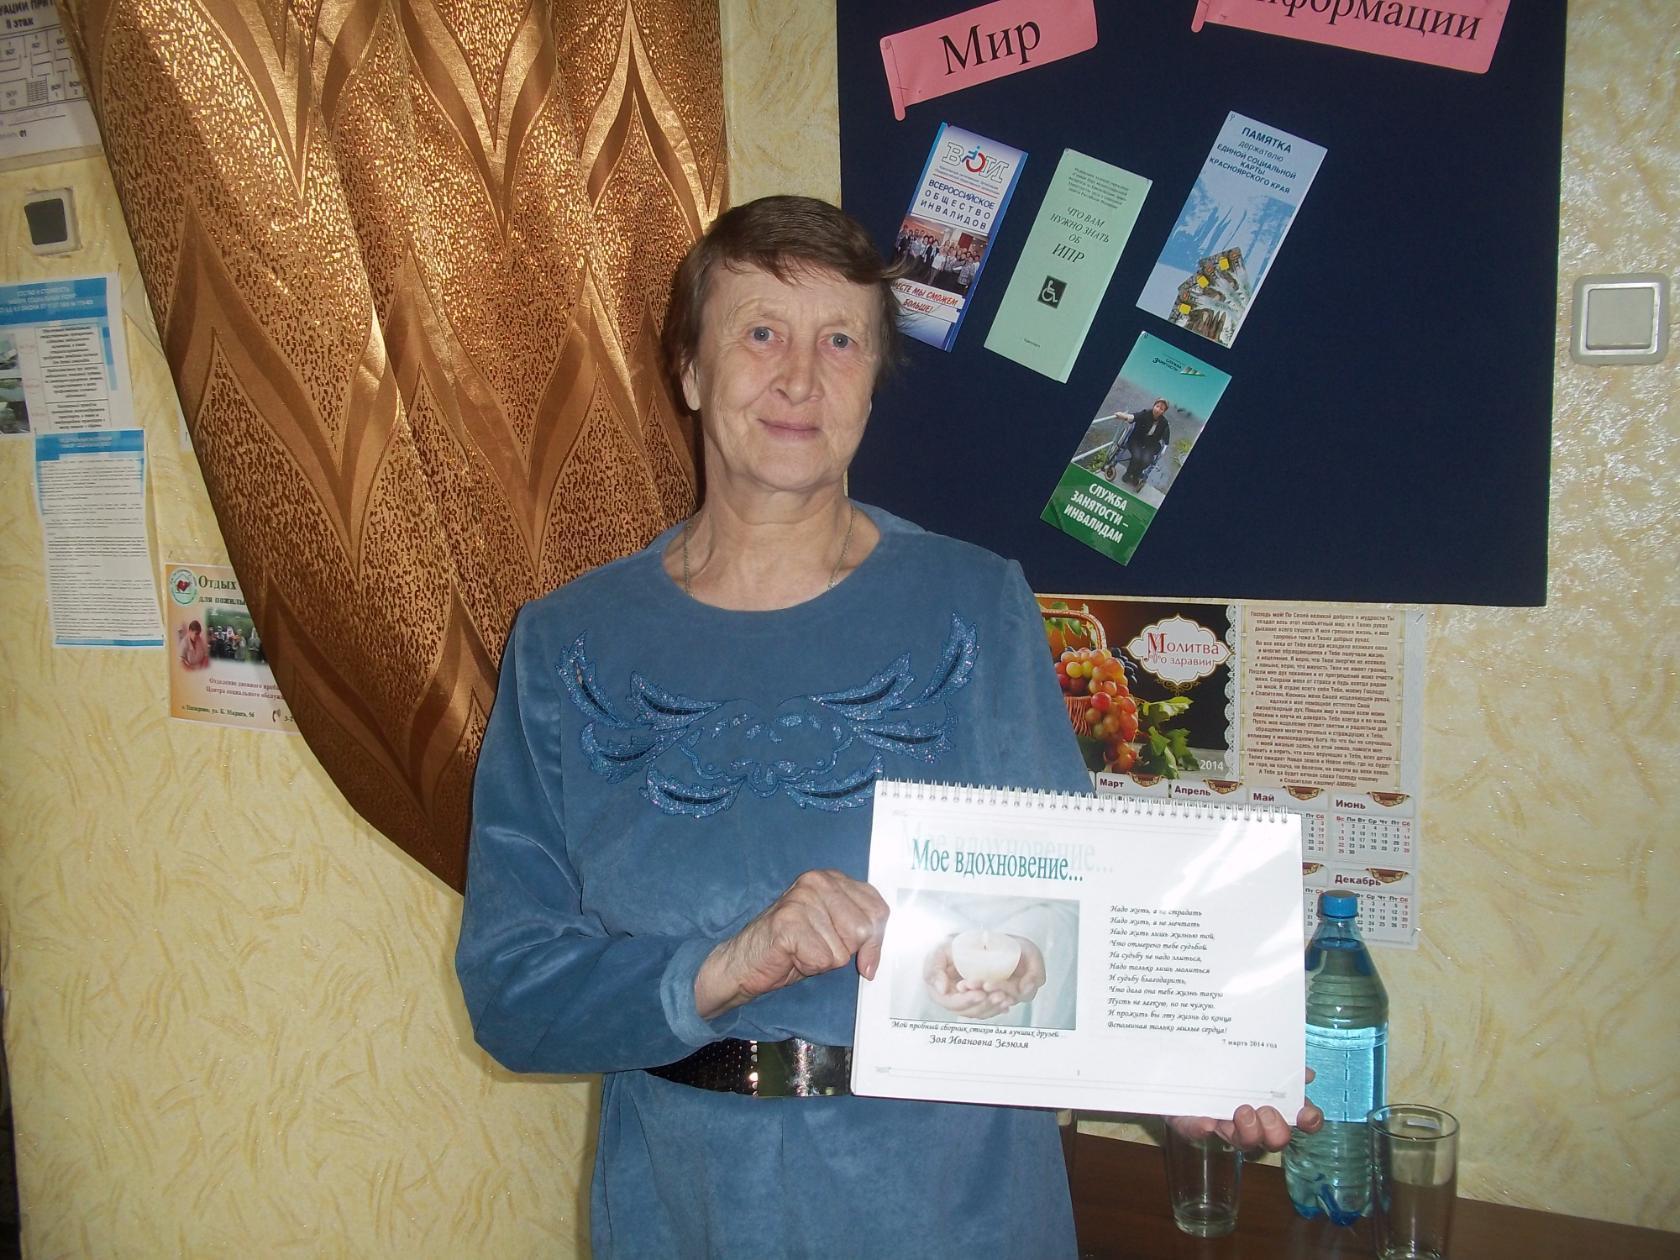 Я, Зезюля Зоя Ивановна со своим пробным и первым сборником стихов в обществе инвалидов города Назарово.